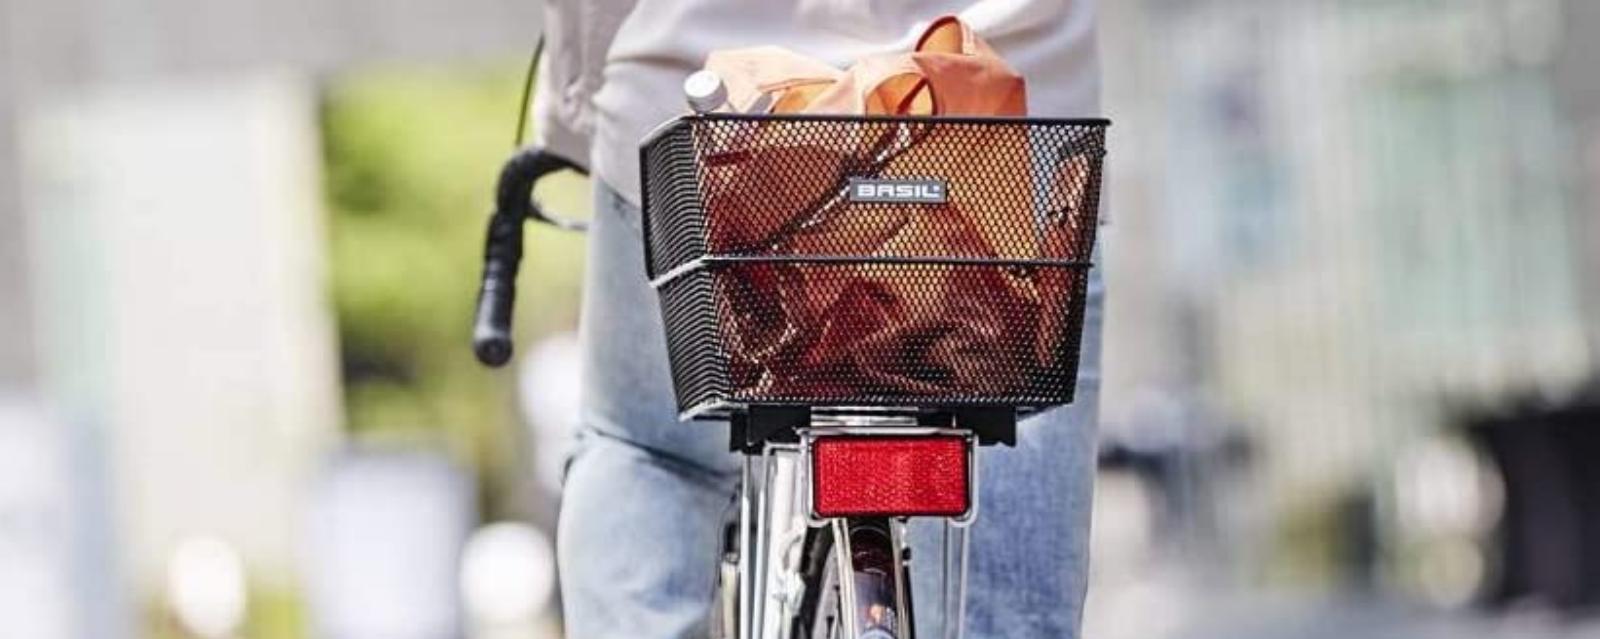 Meilleur panier de vélo arrière